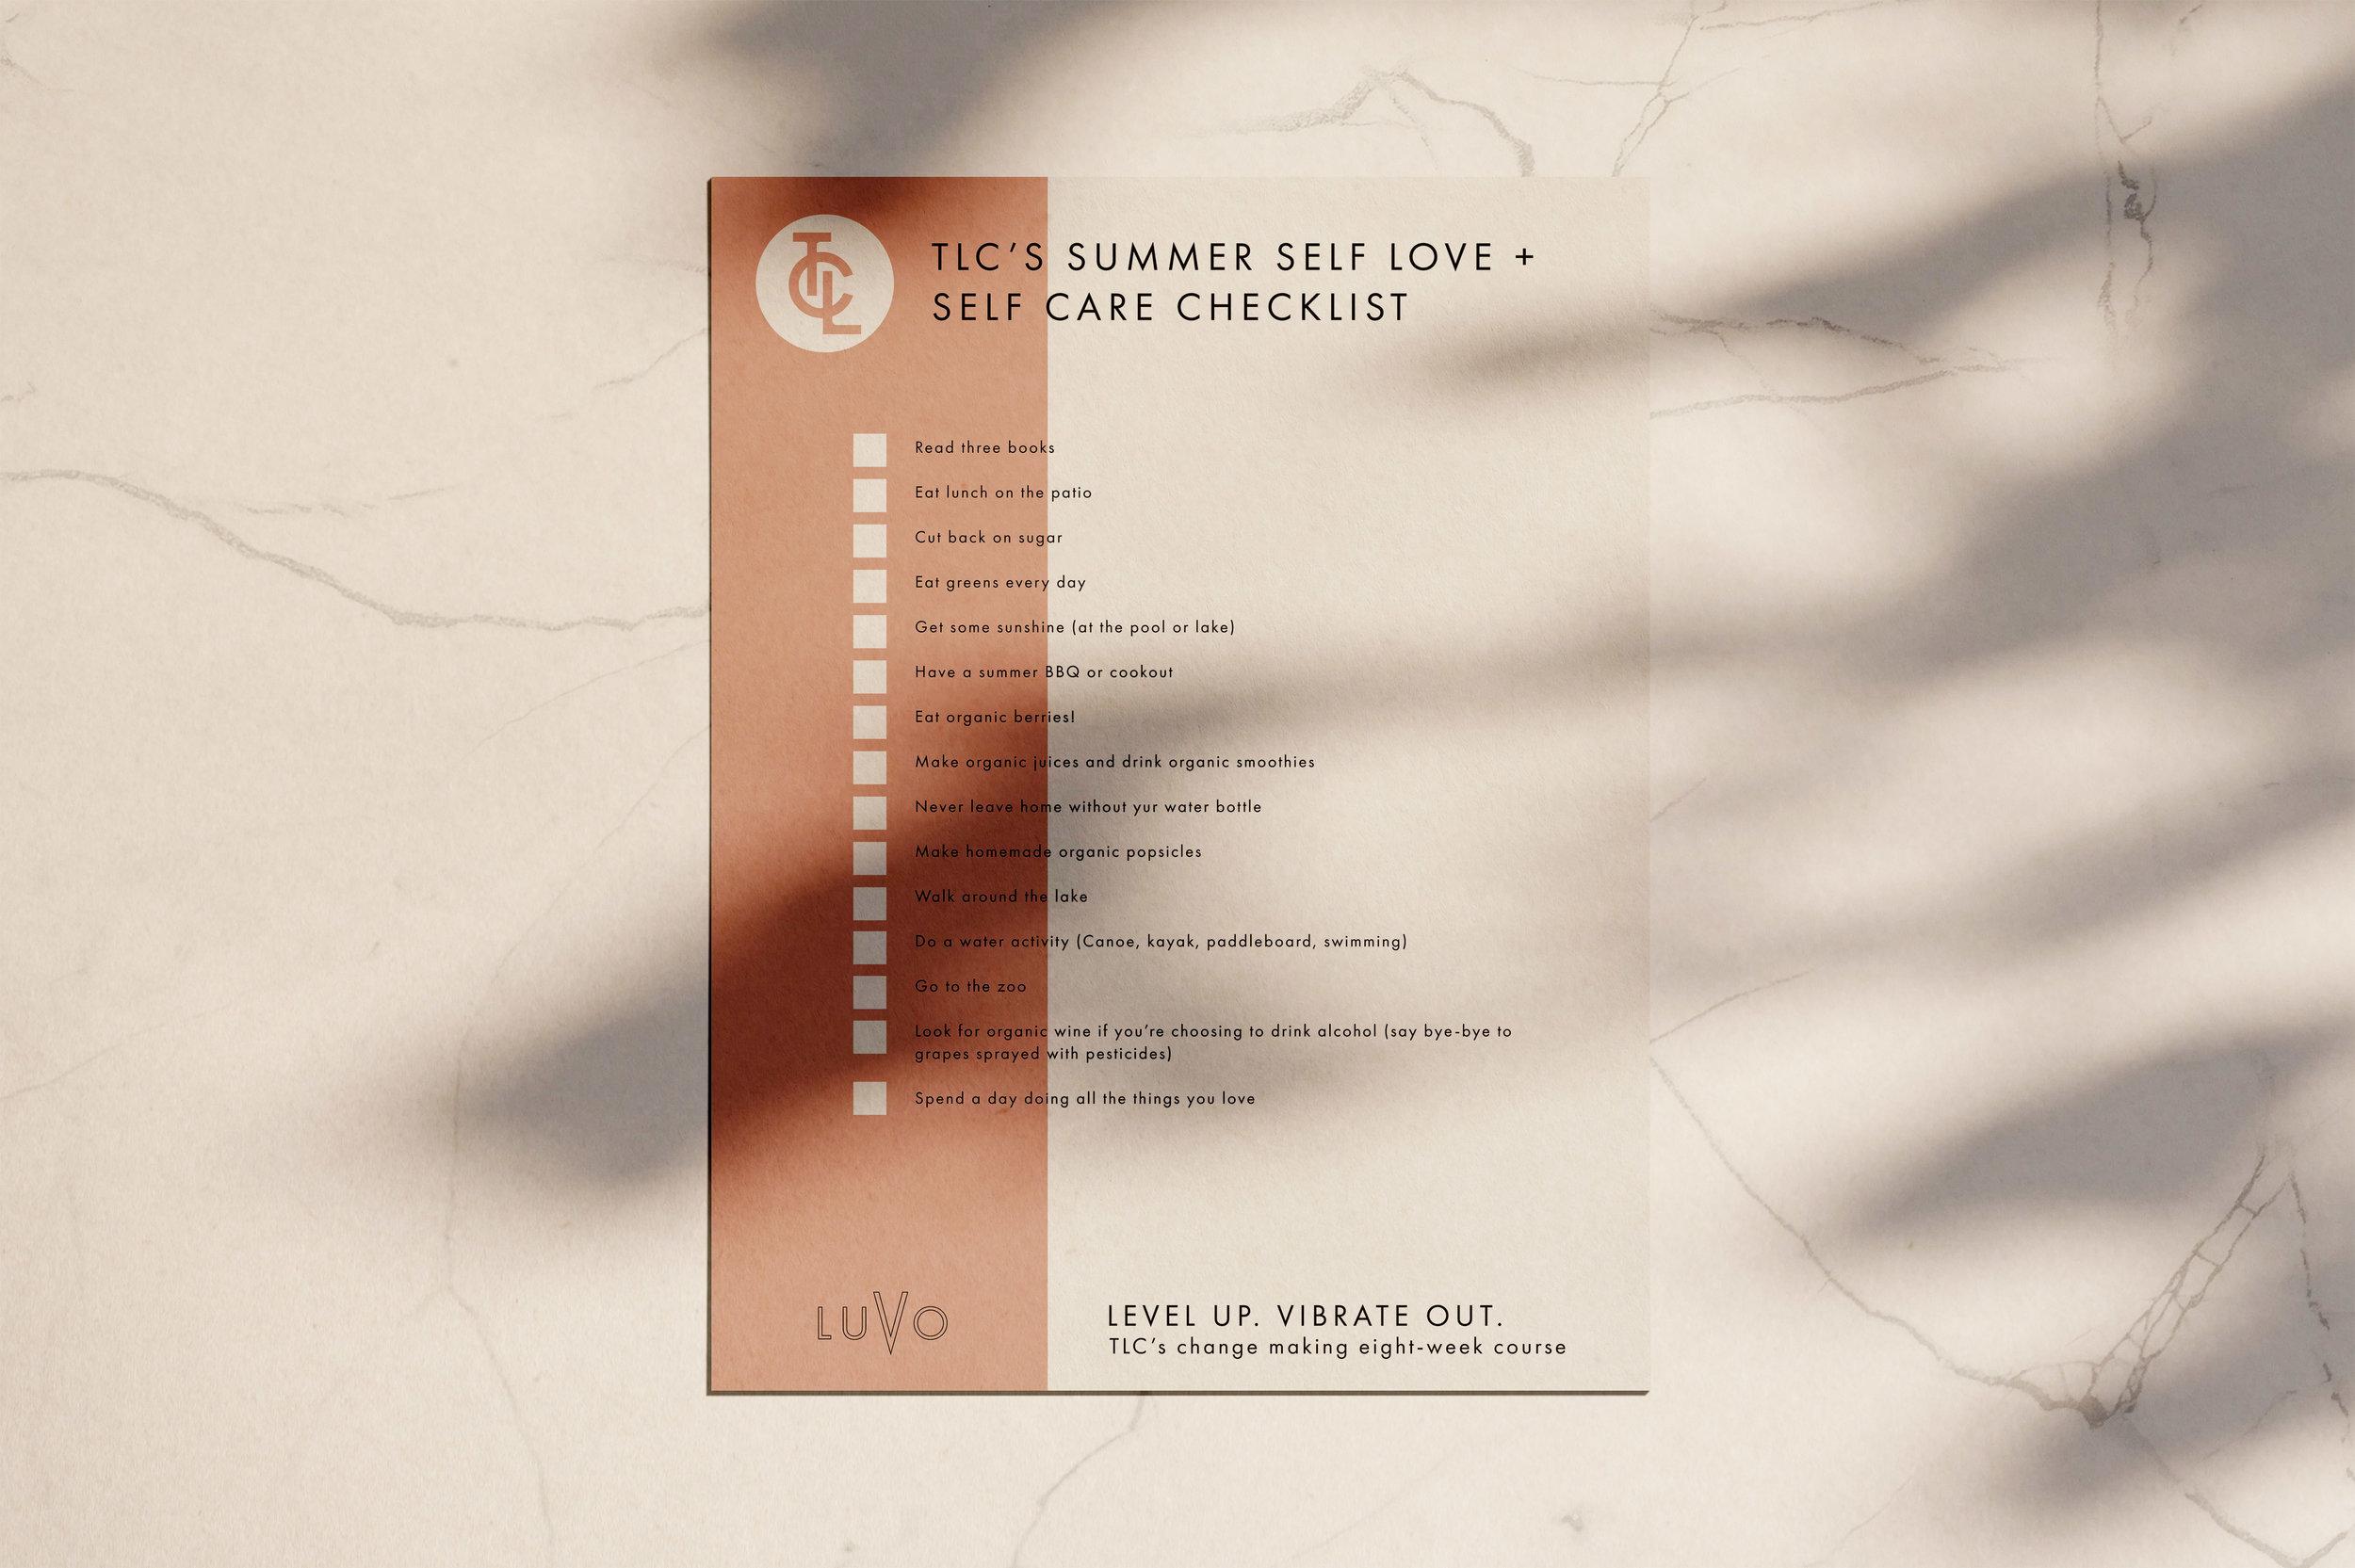 Summer Self Love + Self Care Checklist